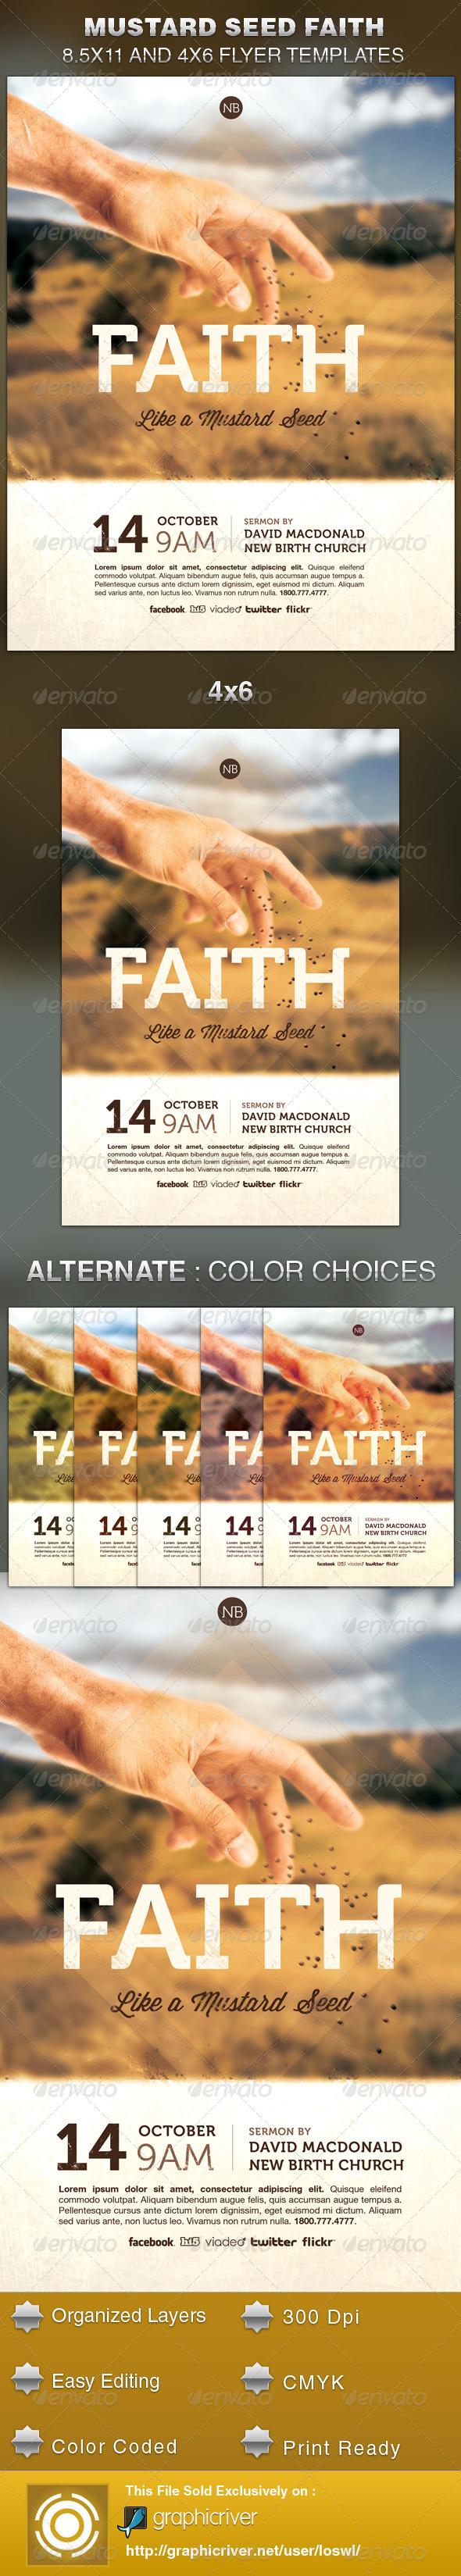 Mustard Seed Faith Church Flyer Template - Church Flyers